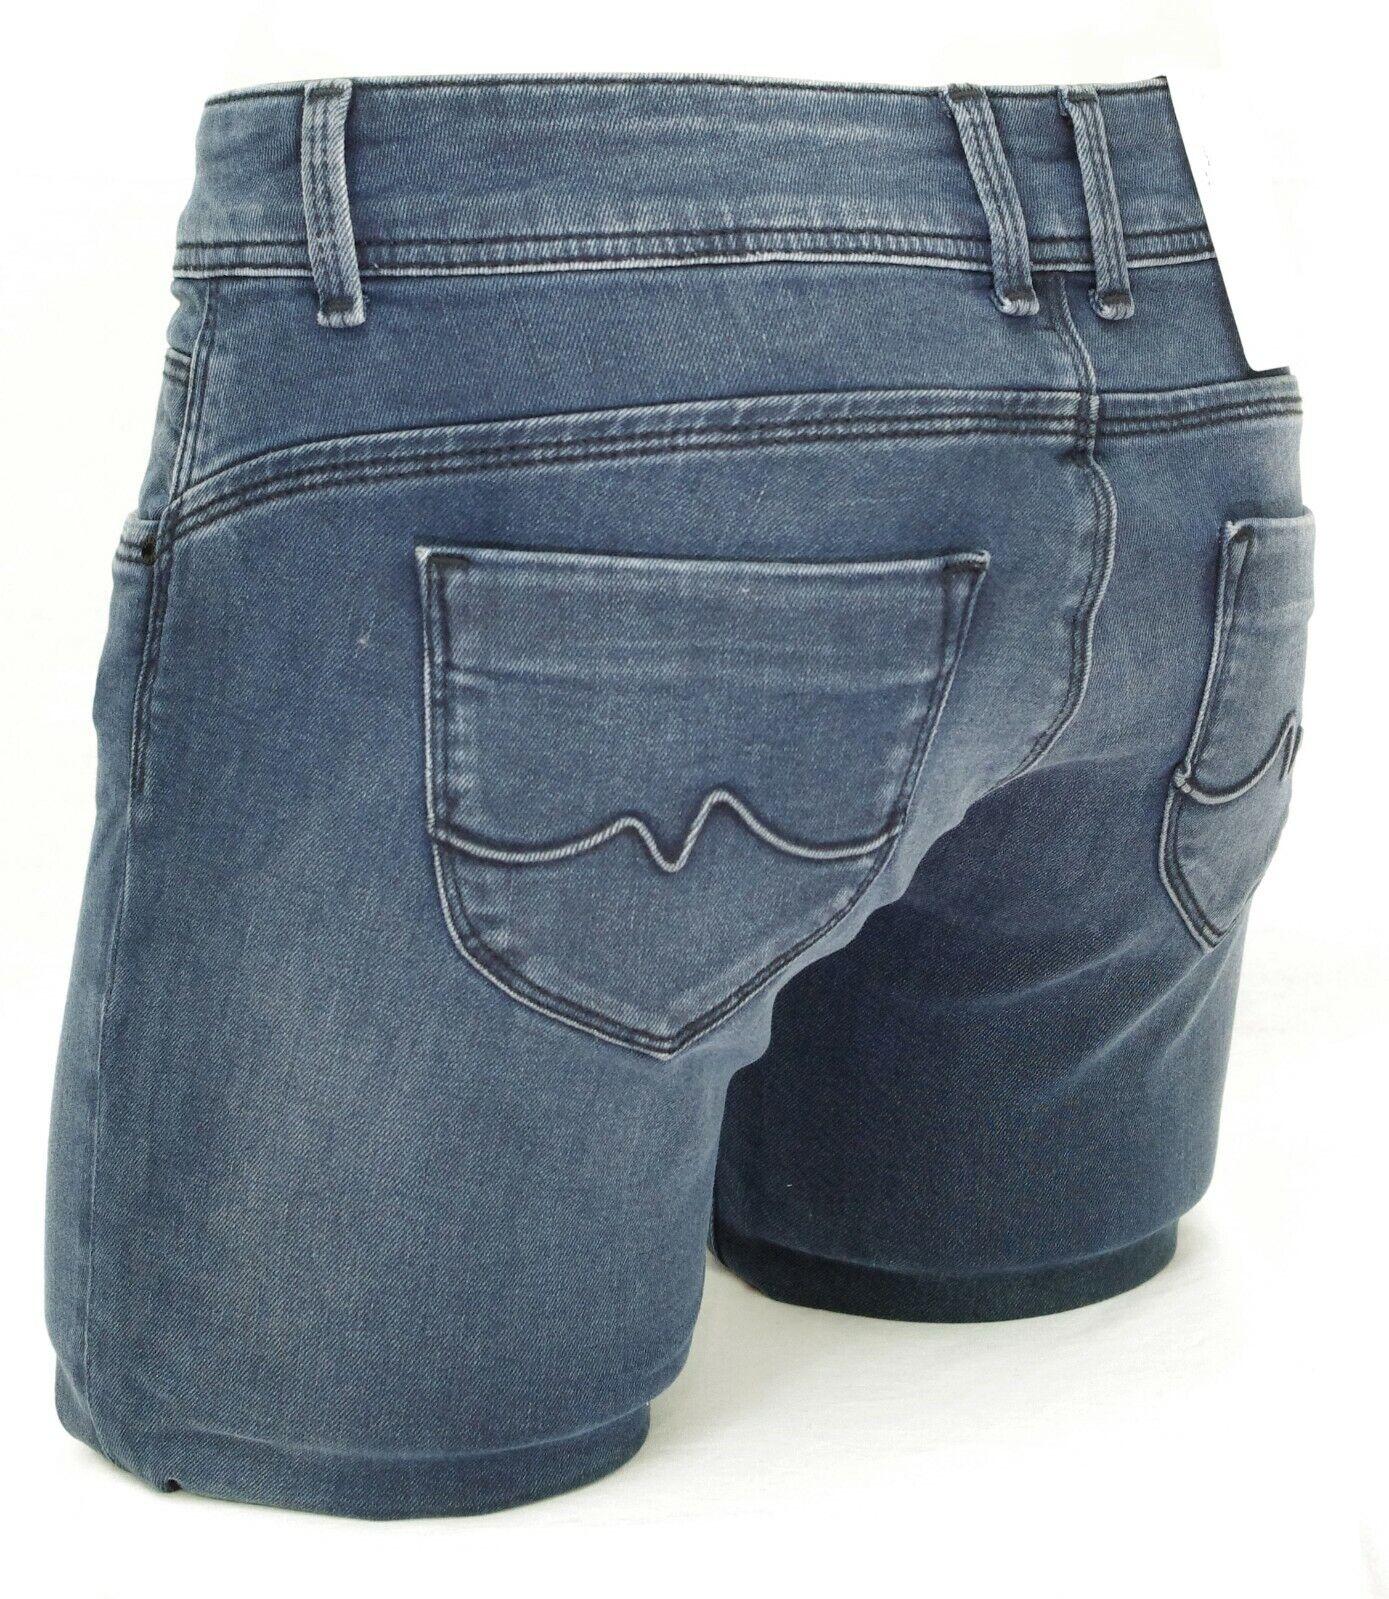 ebaa86e8473 PEPE JEANS NEW BROOKE jean slim fit femme blue black PL200019CE42 W ...